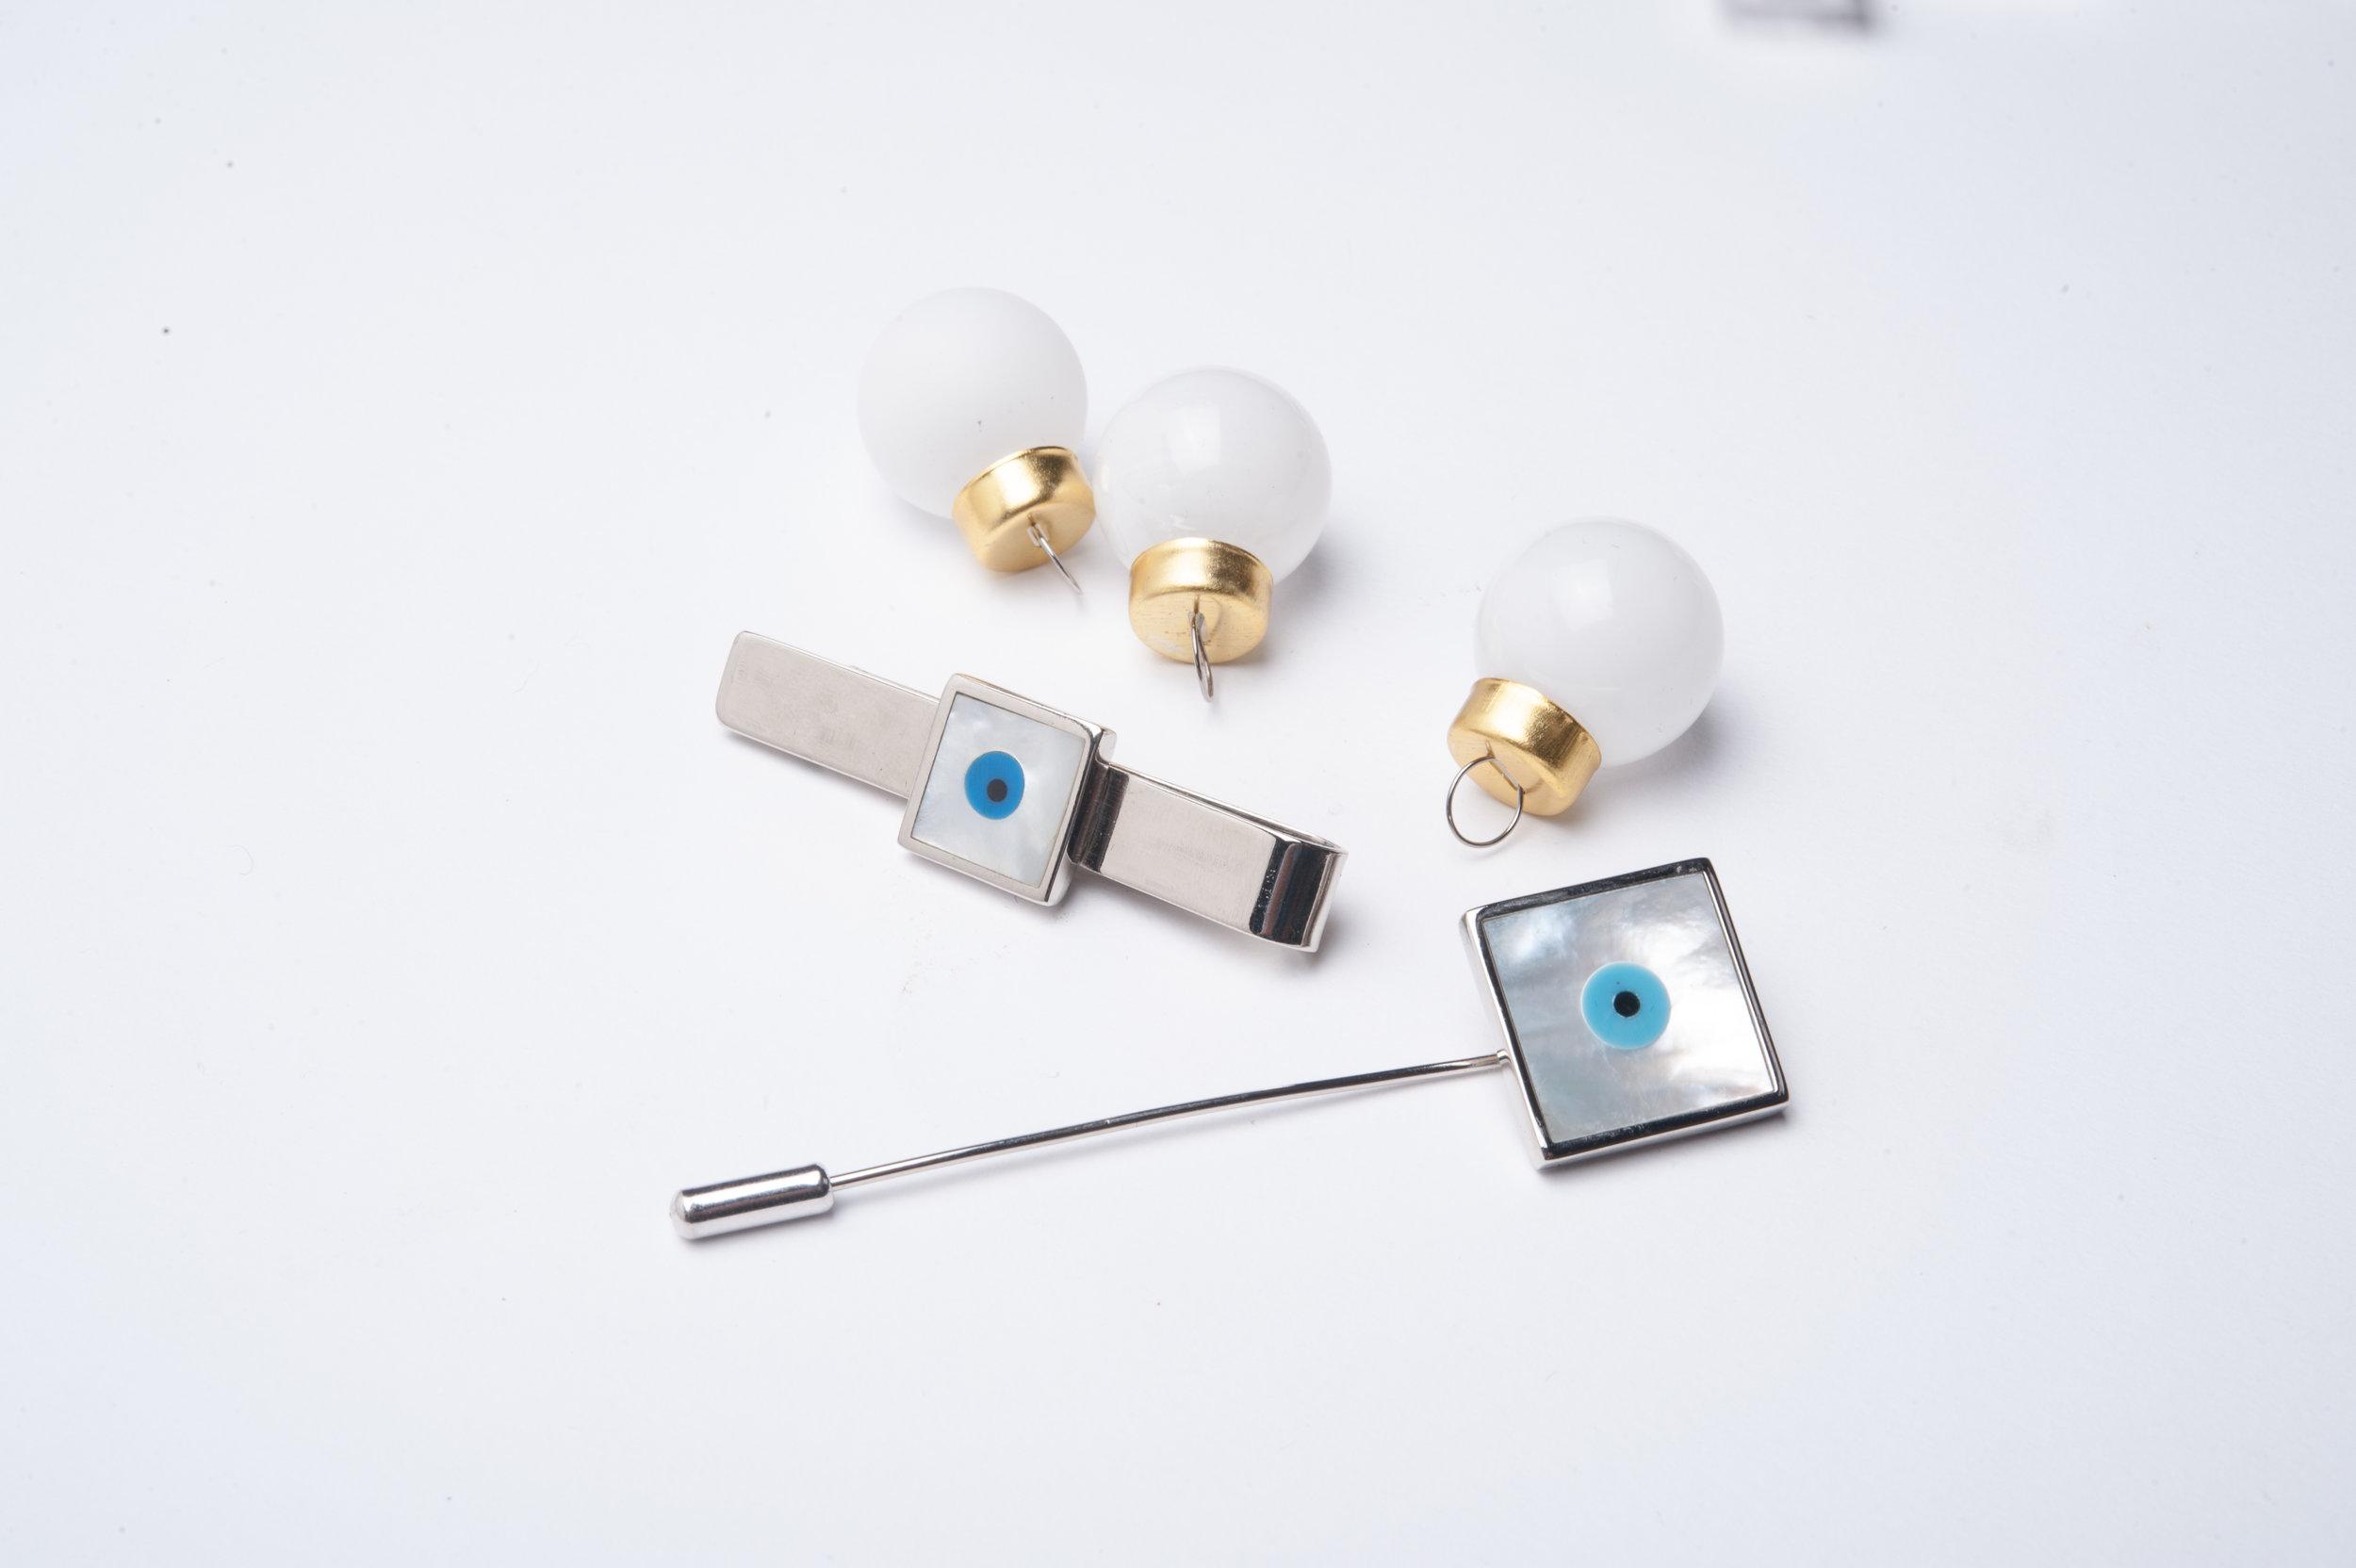 huwa product Dec17-667425.jpg